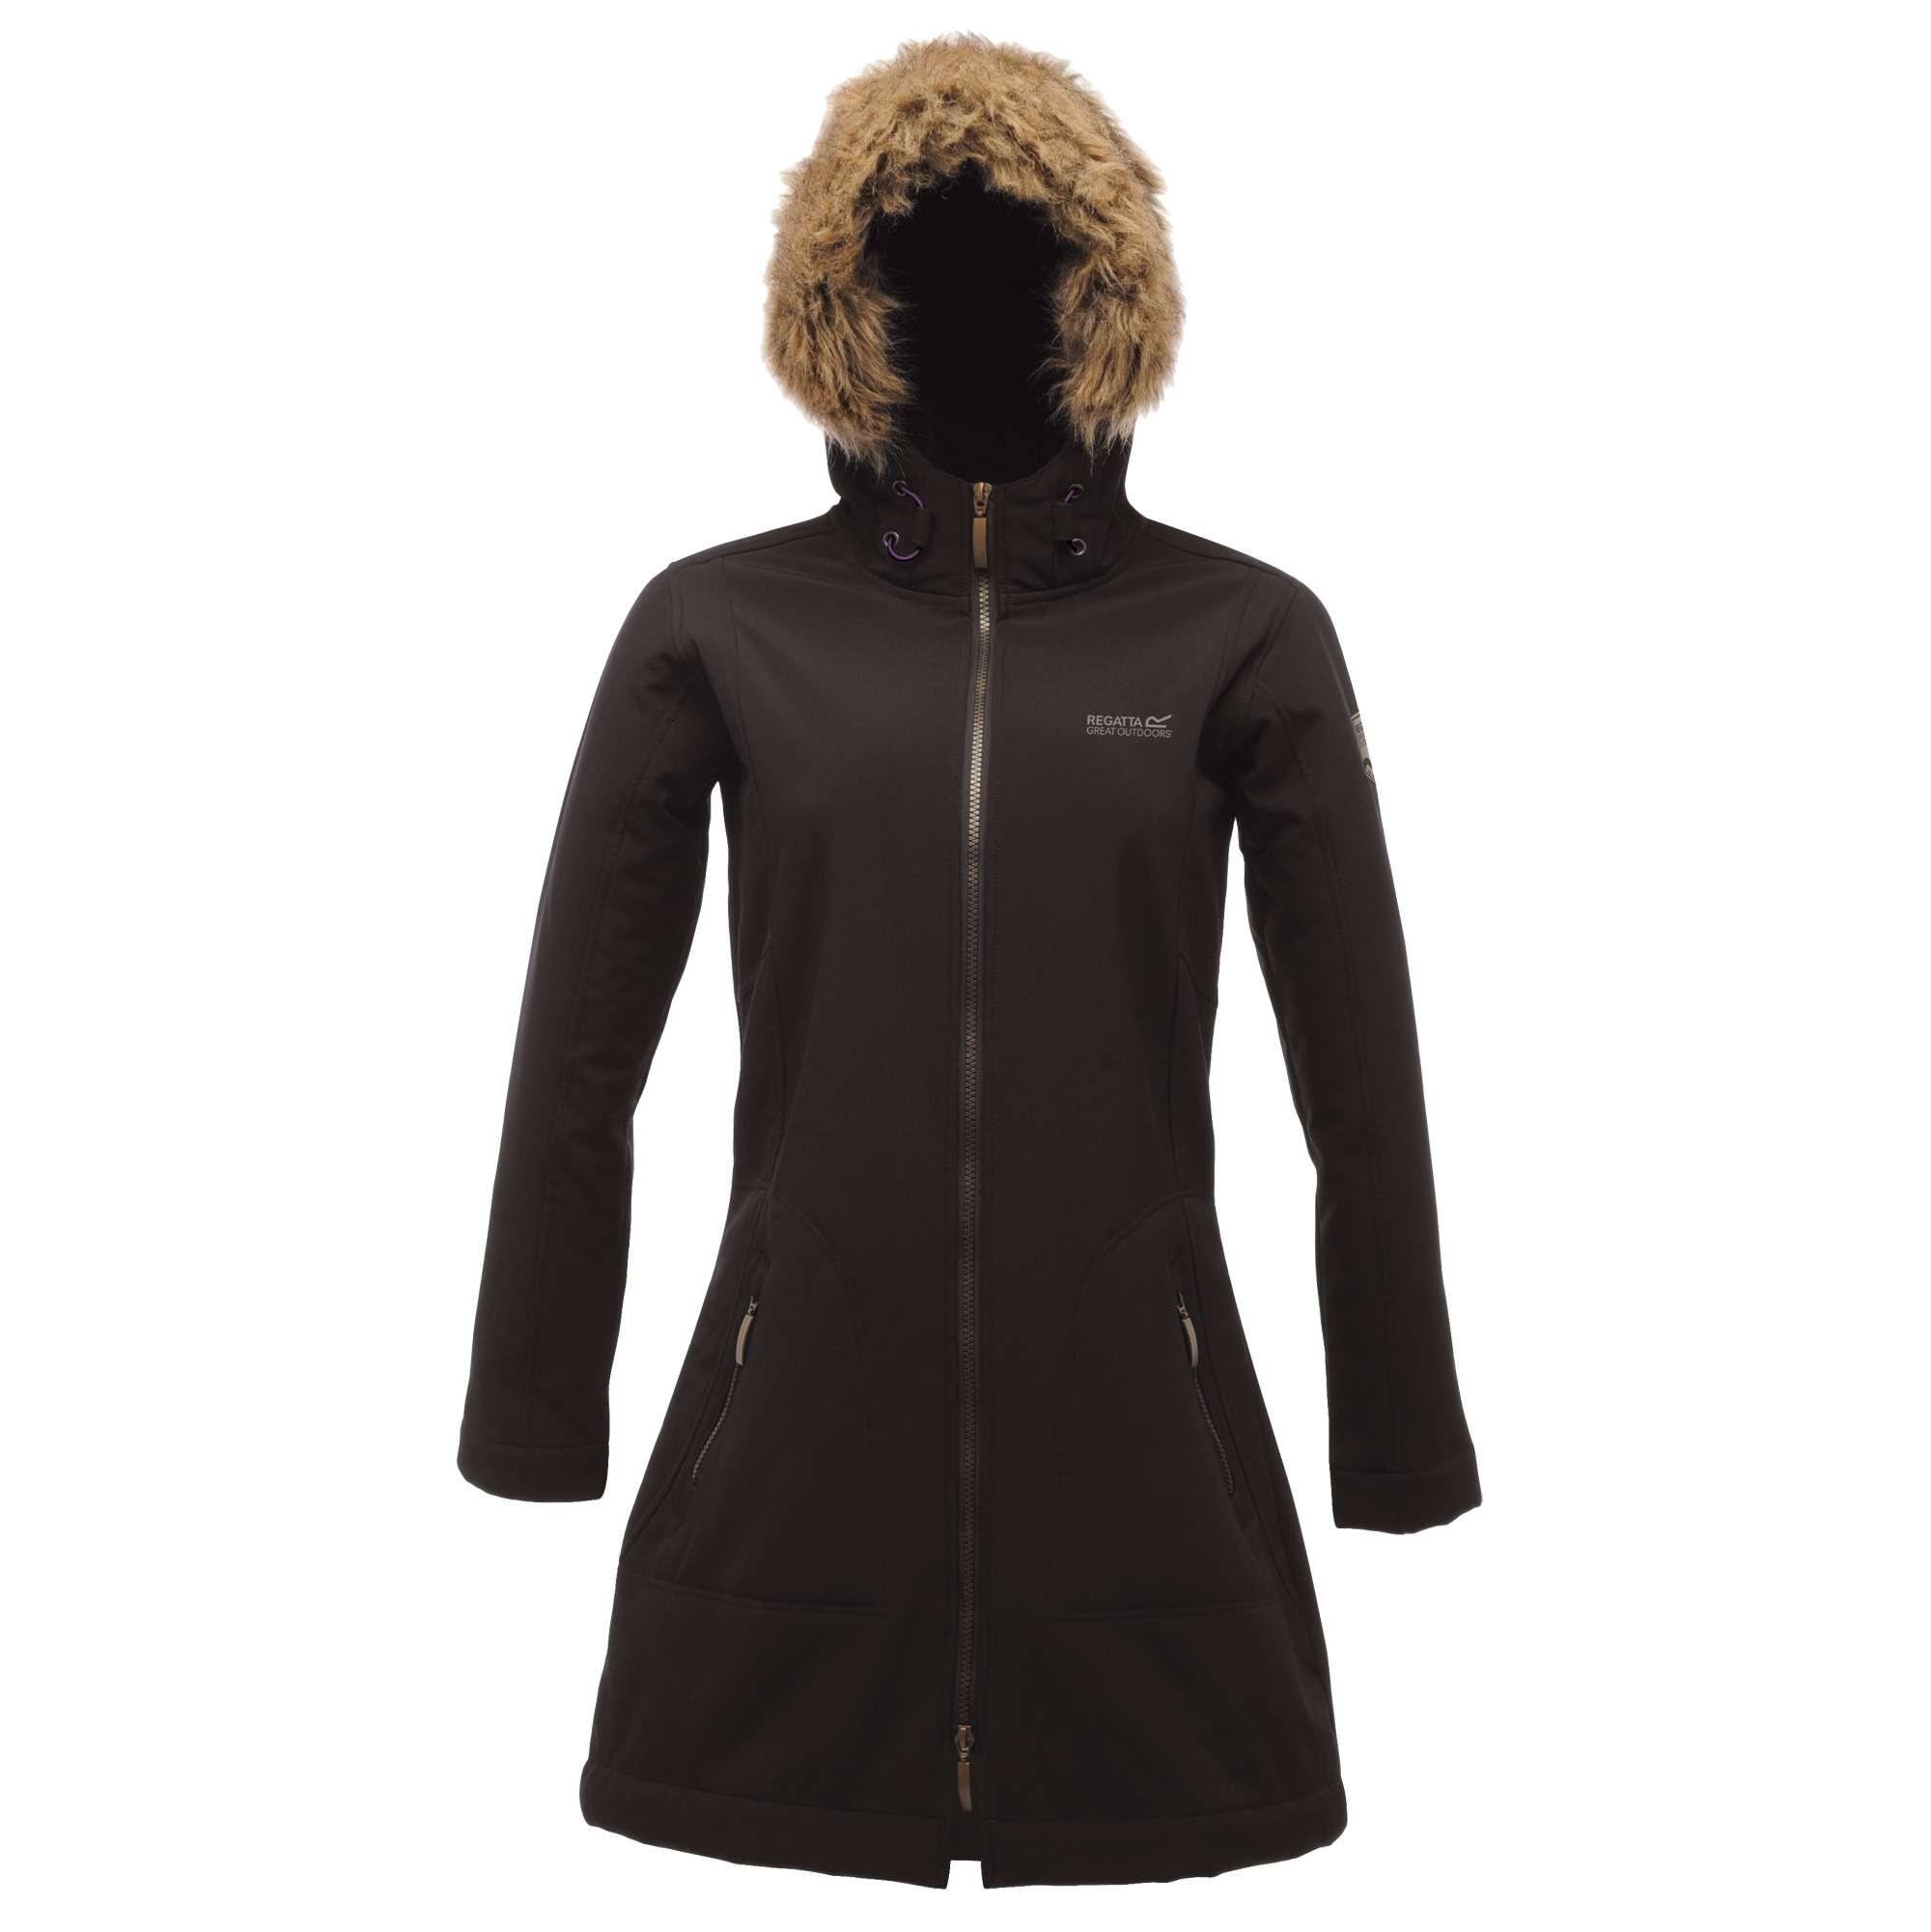 regatta autumn softshell mantel f r damen mit pelzkragen kaufen bei renner. Black Bedroom Furniture Sets. Home Design Ideas